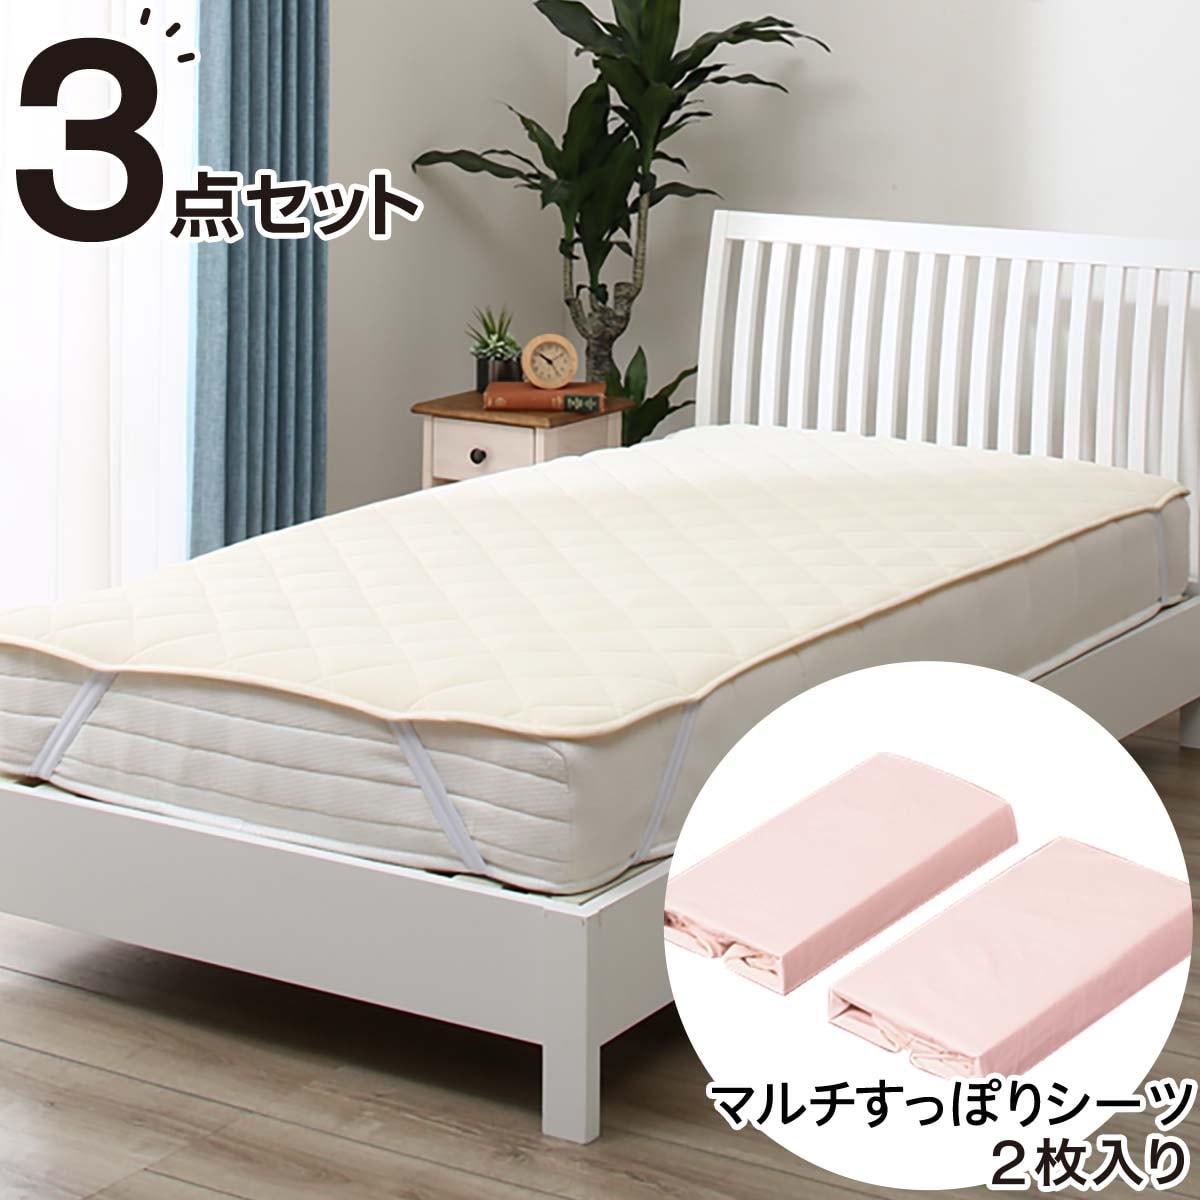 【3点セット】ベッドパッド&マルチすっぽりシーツ クイーン(メッシュ RO Q) ニトリ 【送料無料・玄関先迄納品】